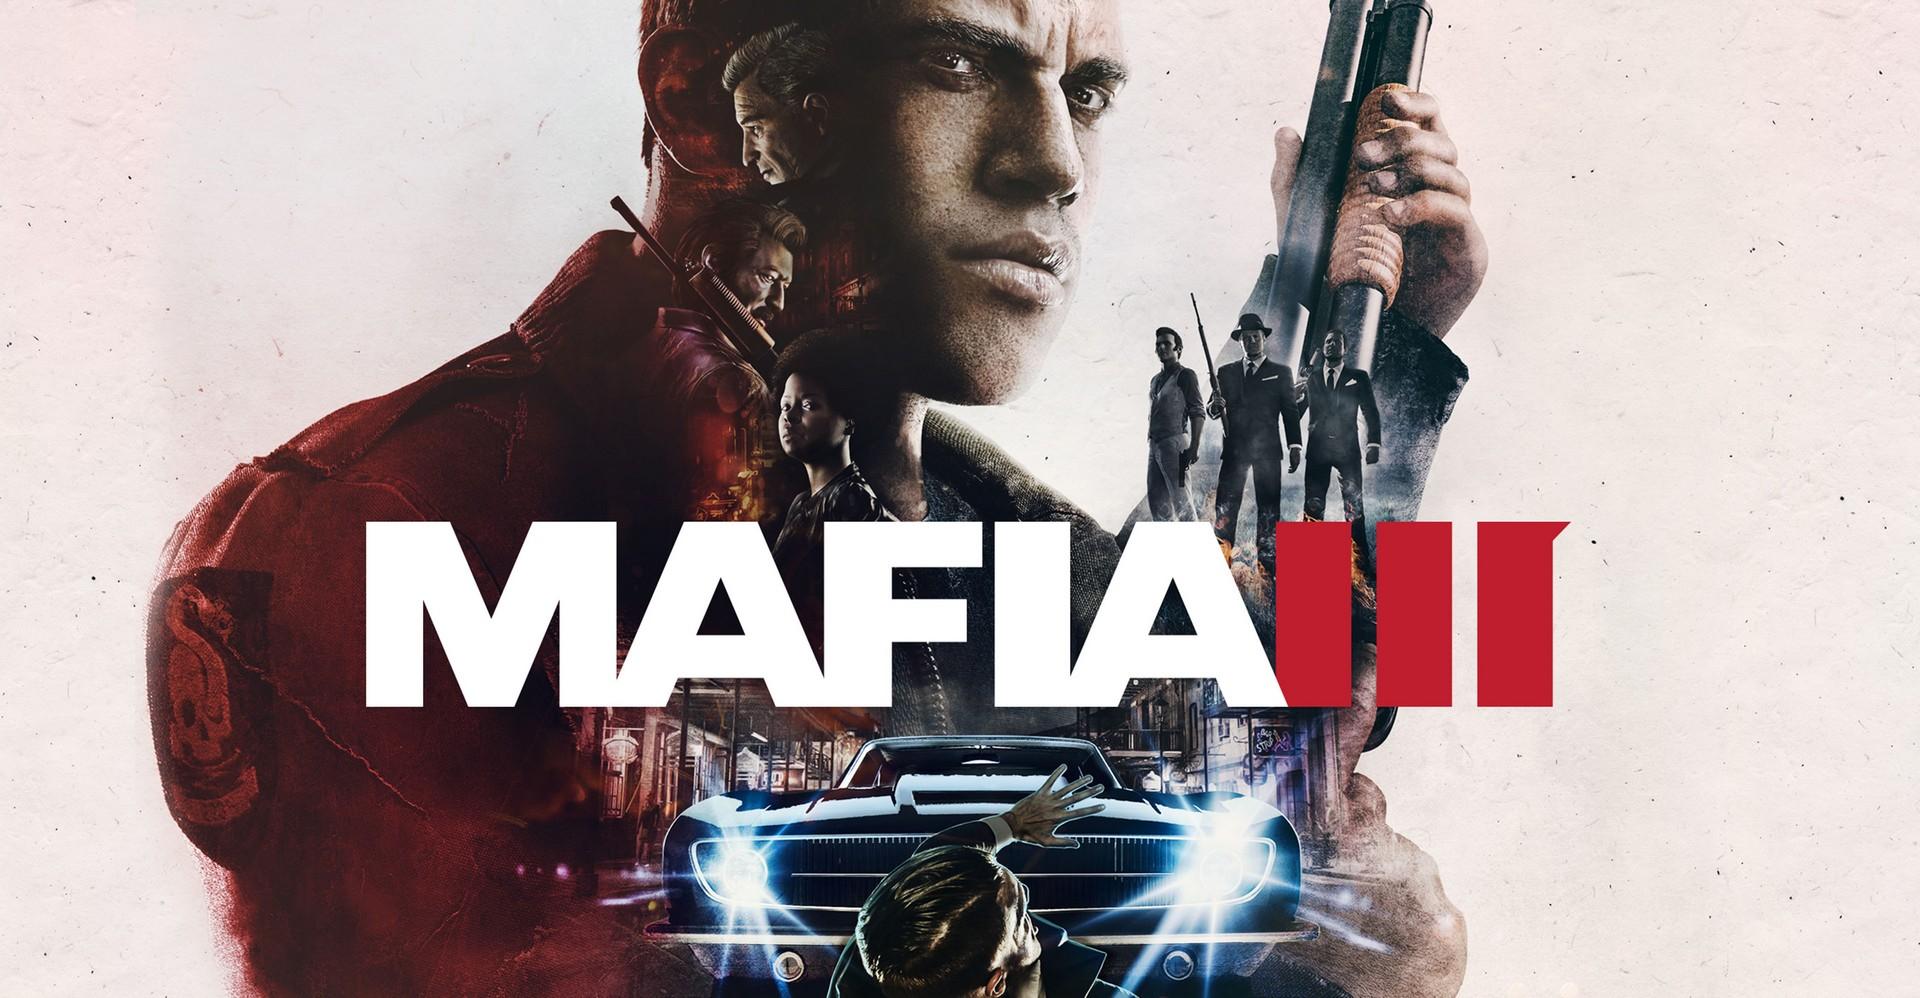 mafia-iii-featured